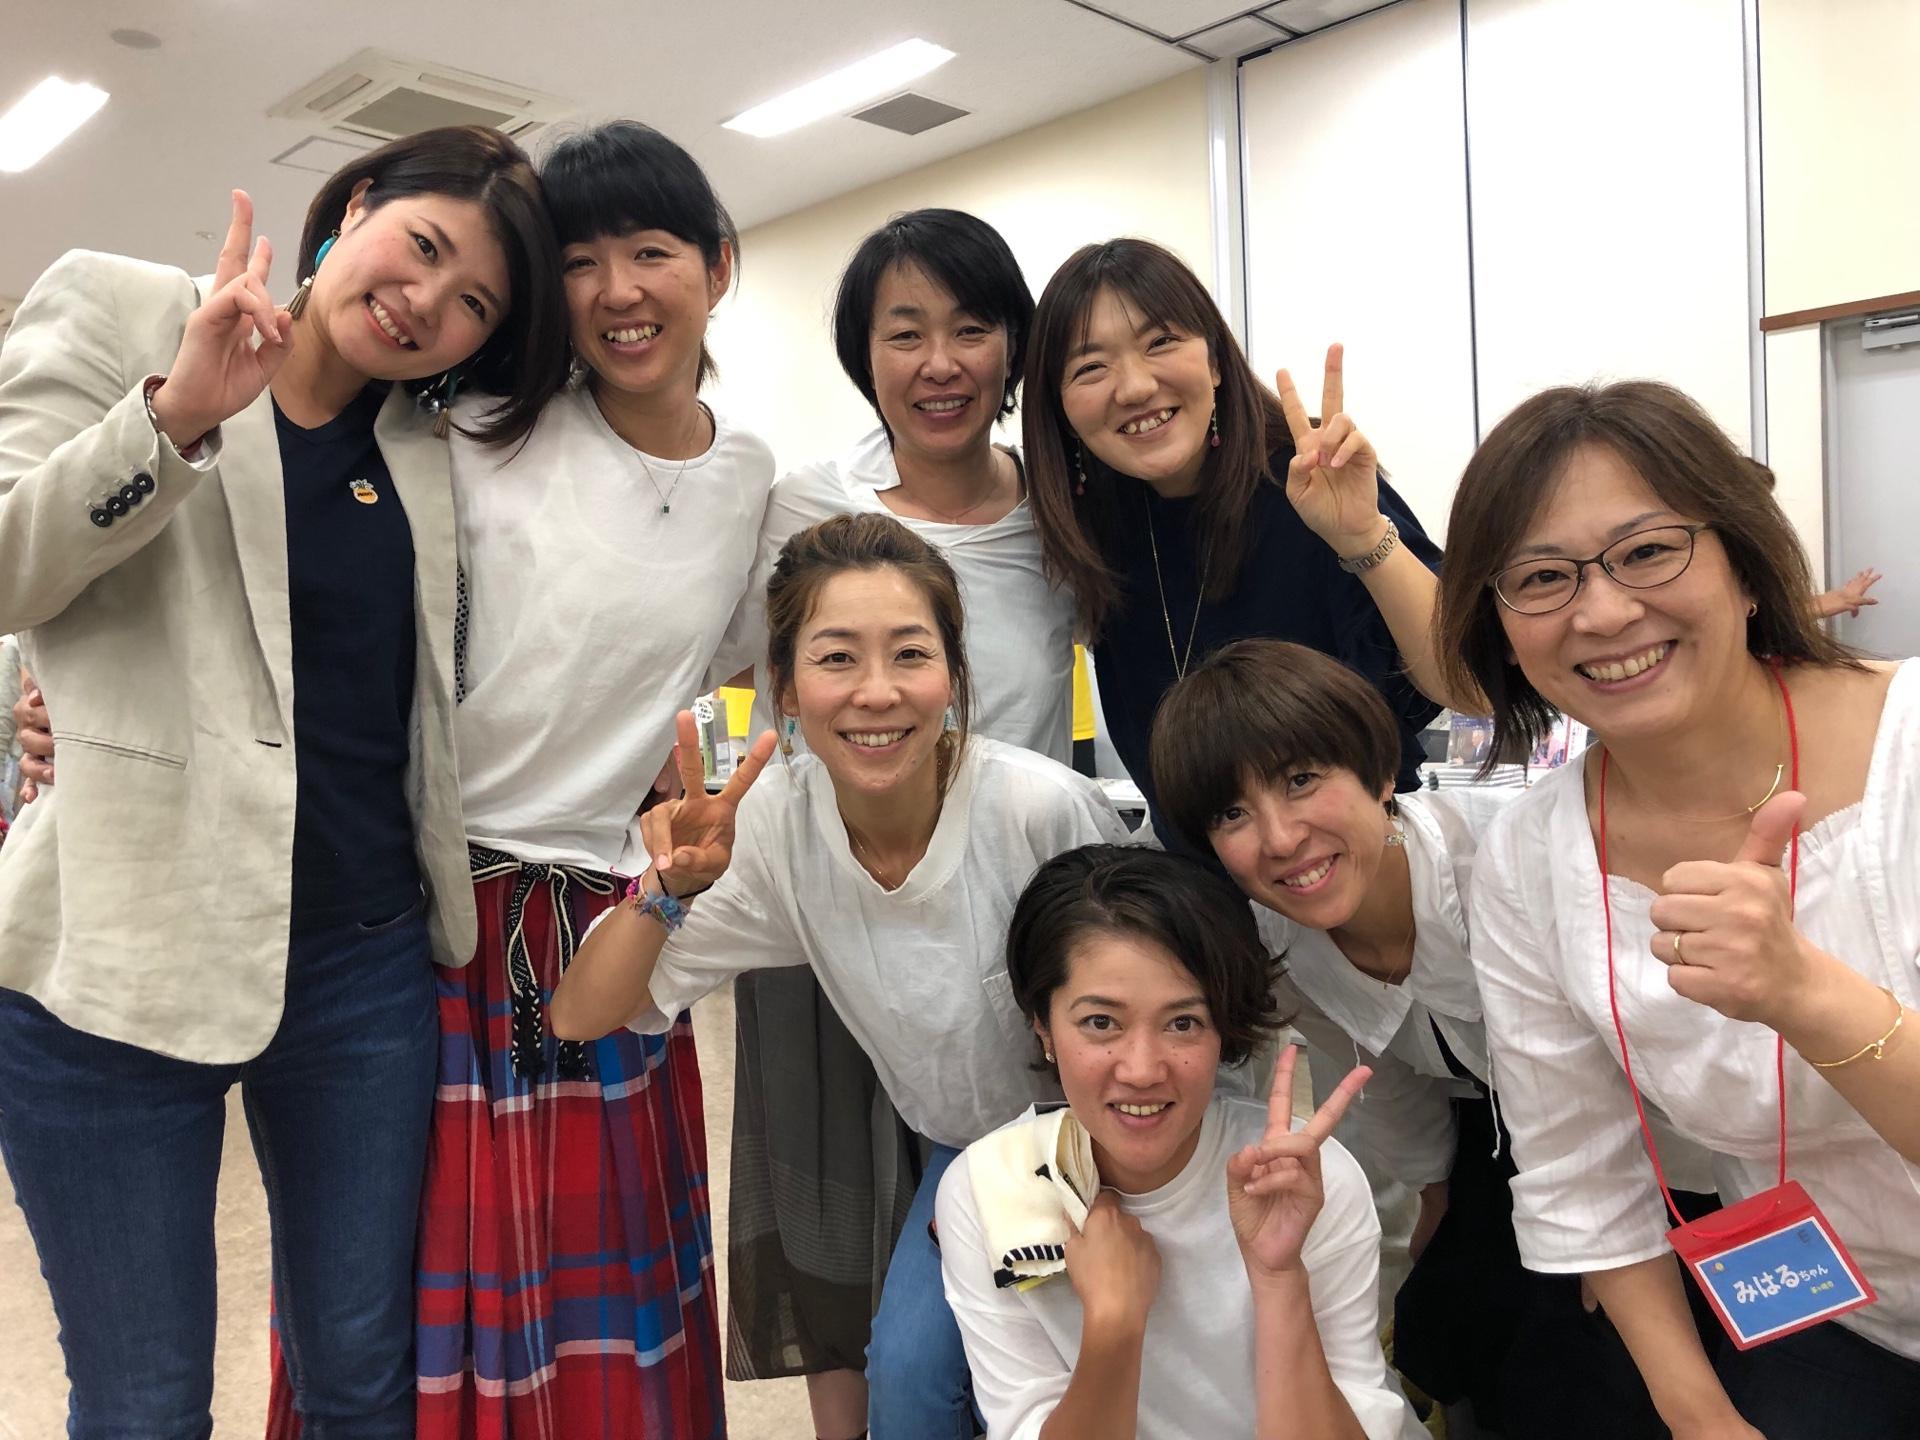 2019.06.25 1010HAPPY藤沢クラス  Bグループ